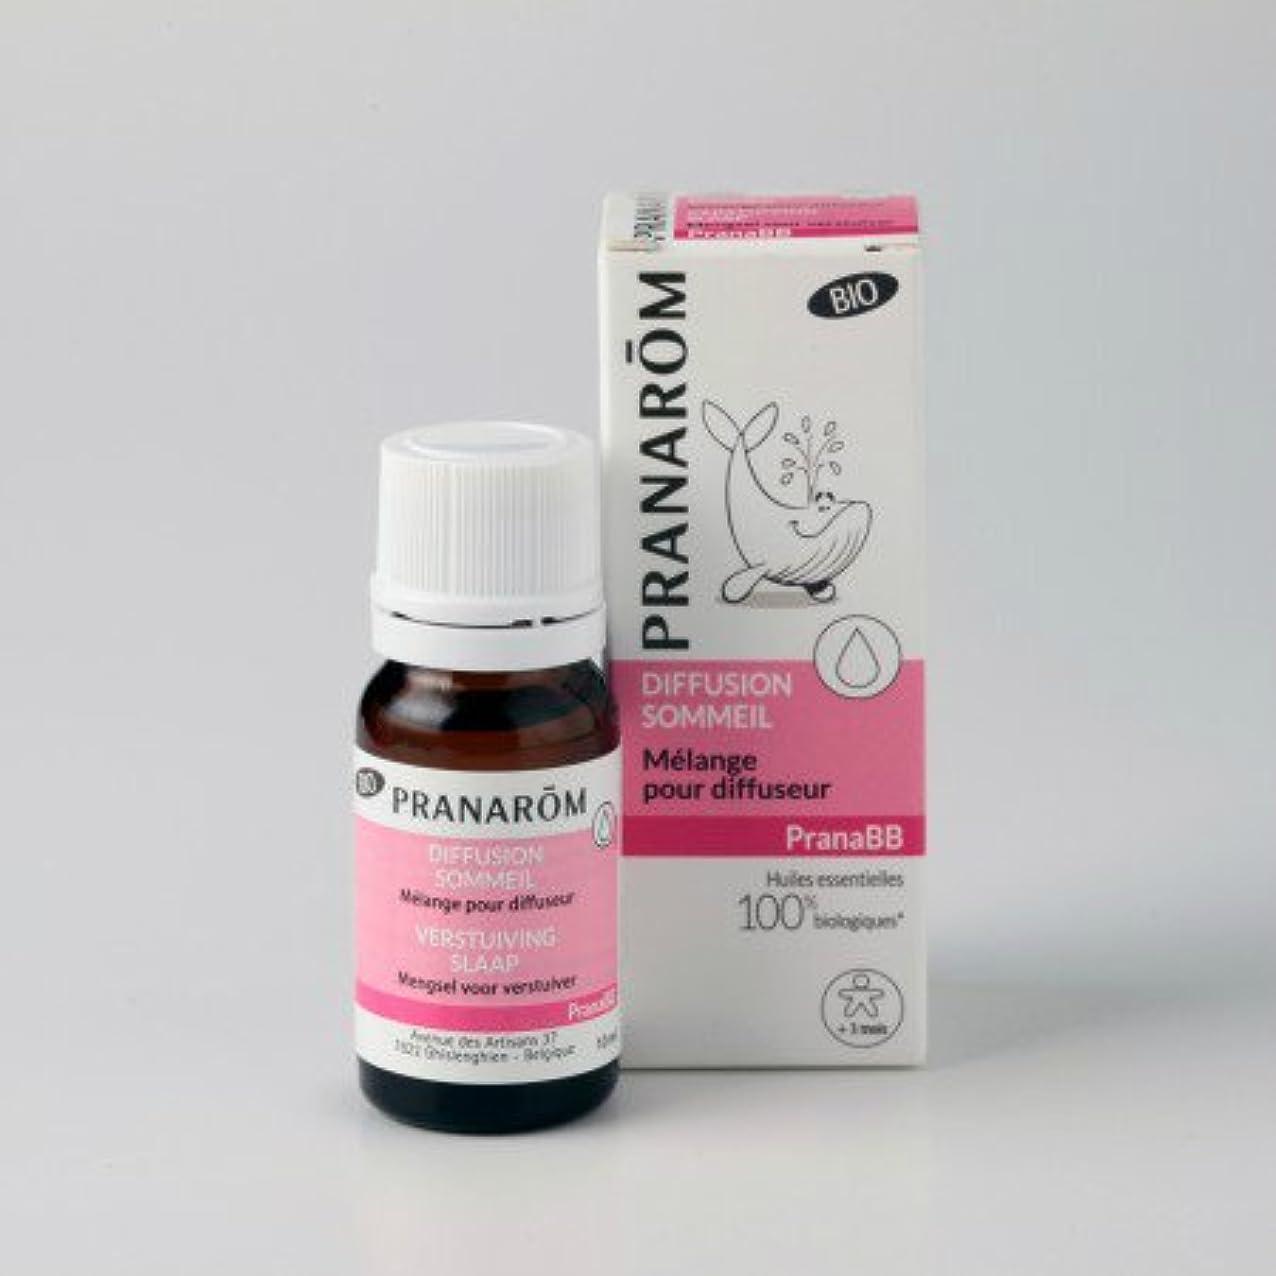 その間幸福お酢プラナロム プラナBB ディフューザーオイル スリープ 10ml ルームコロン (PRANAROM プラナBB)